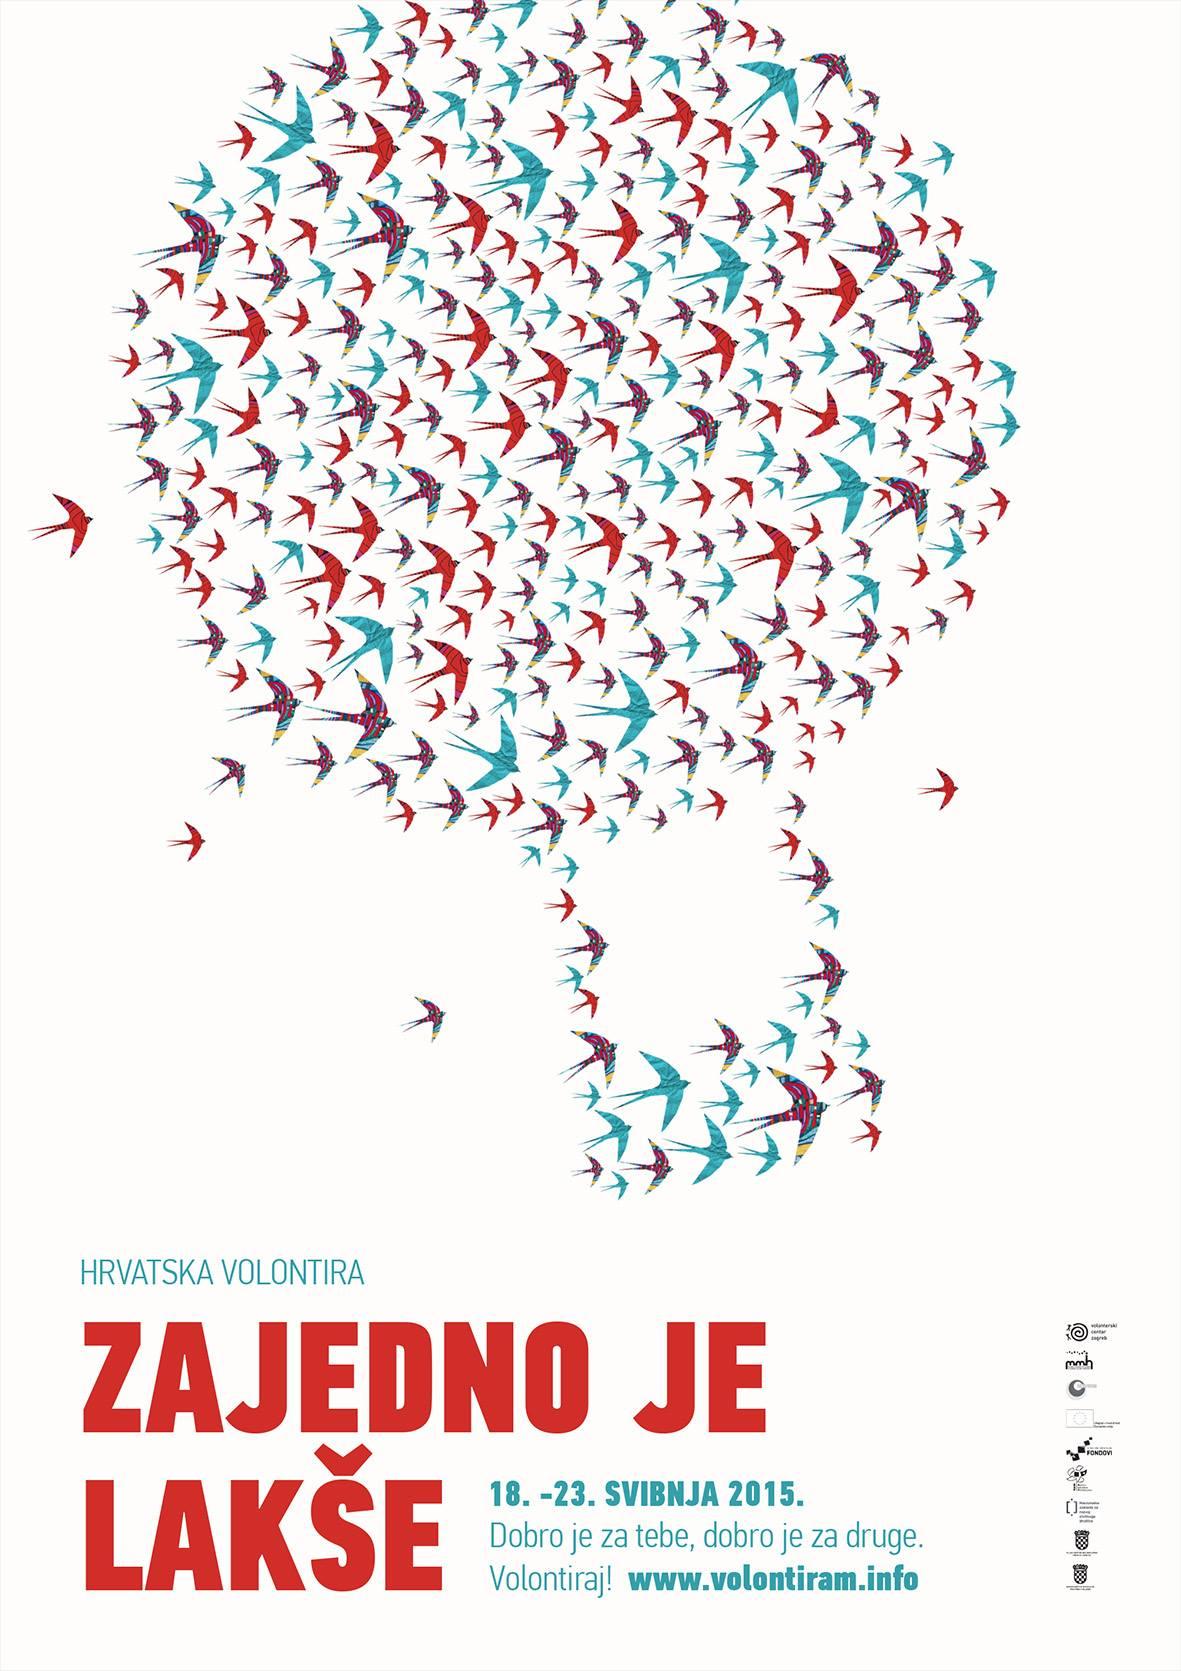 Možemo biti jači – Hrvatska volontira 2016